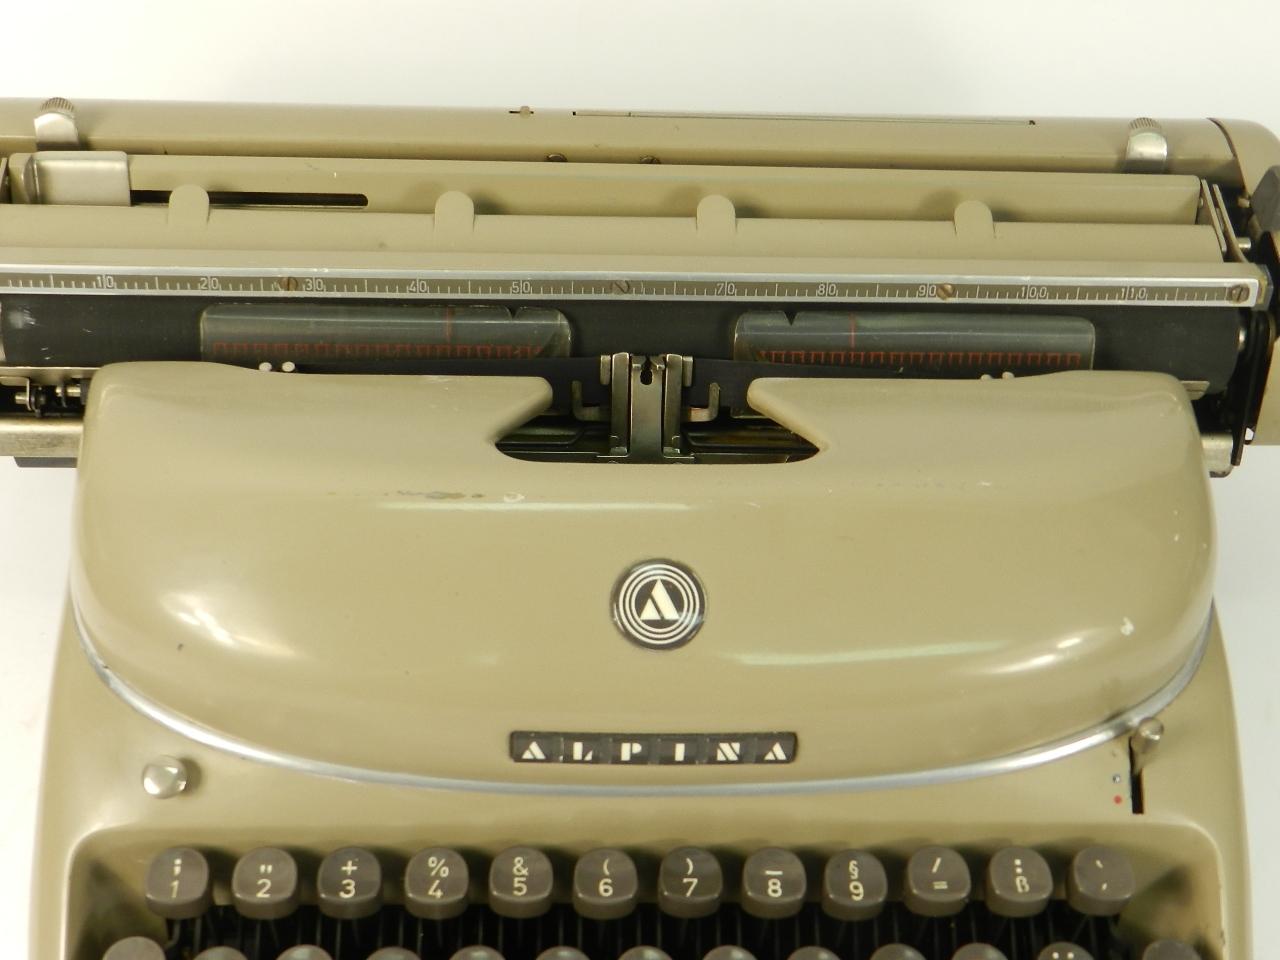 Imagen ALPINA CARRO LARGO AÑO 1955 38227